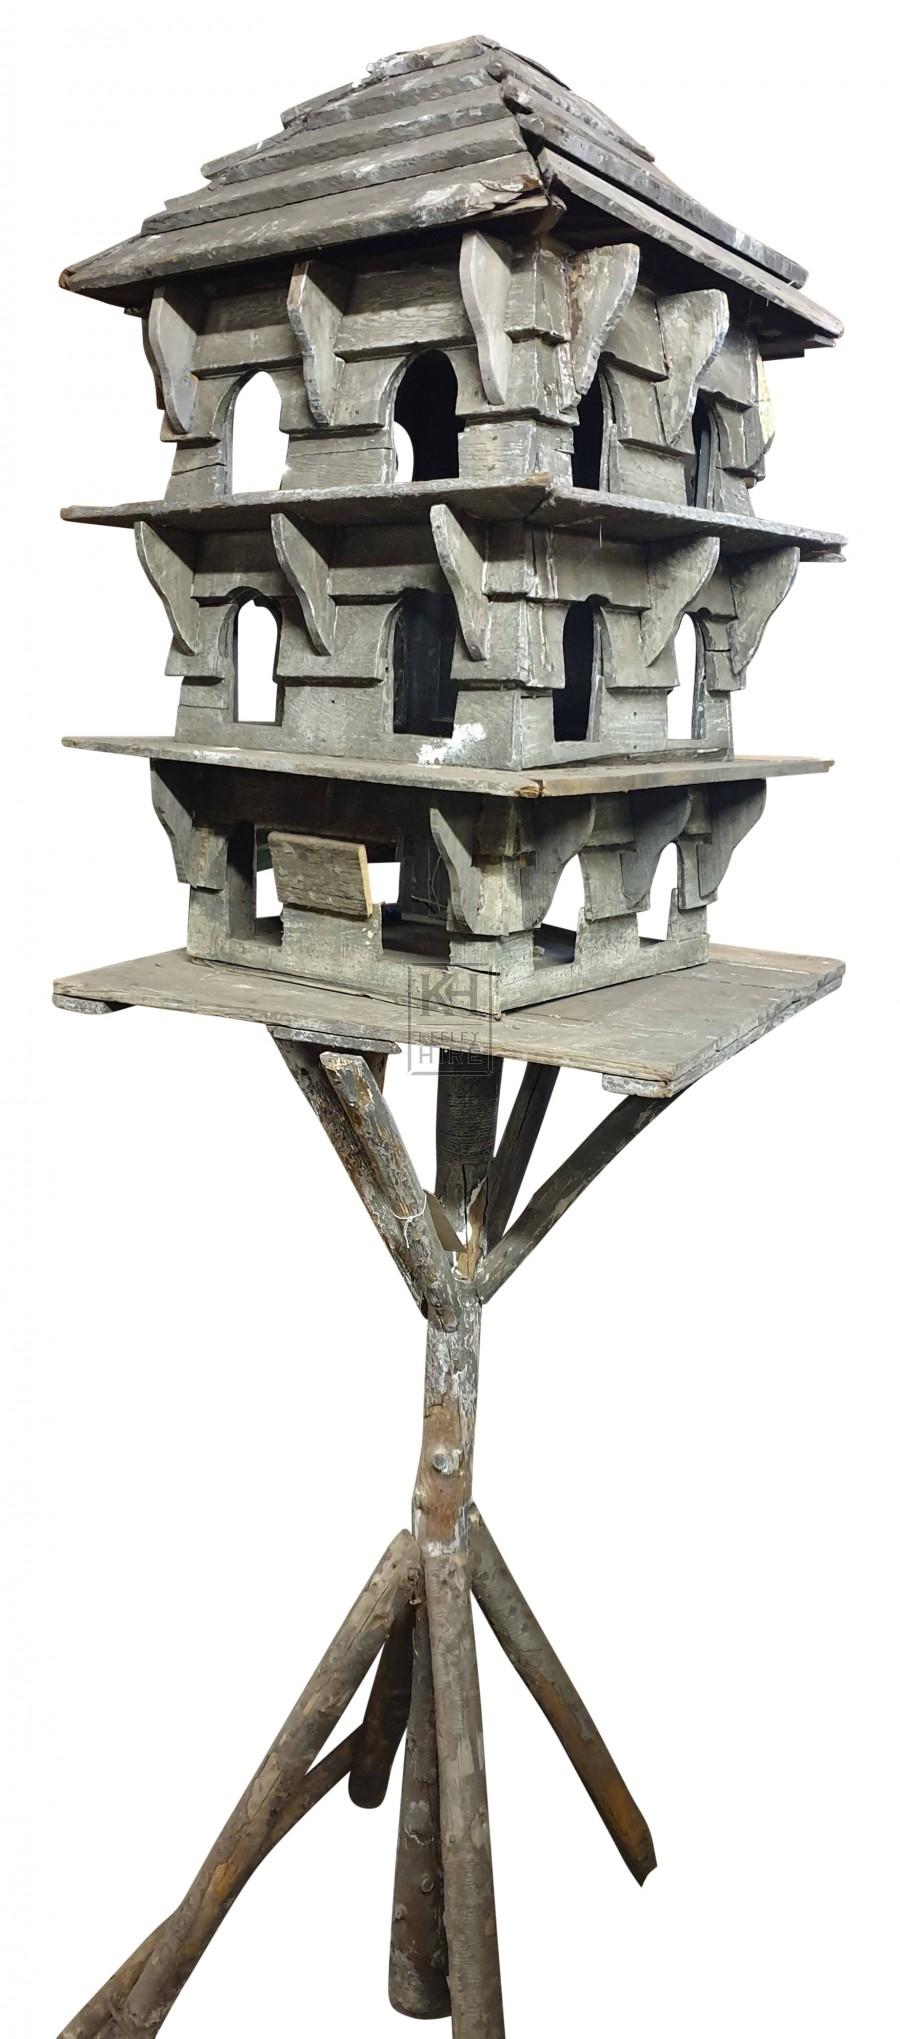 Floor-standing wooden Dove cot